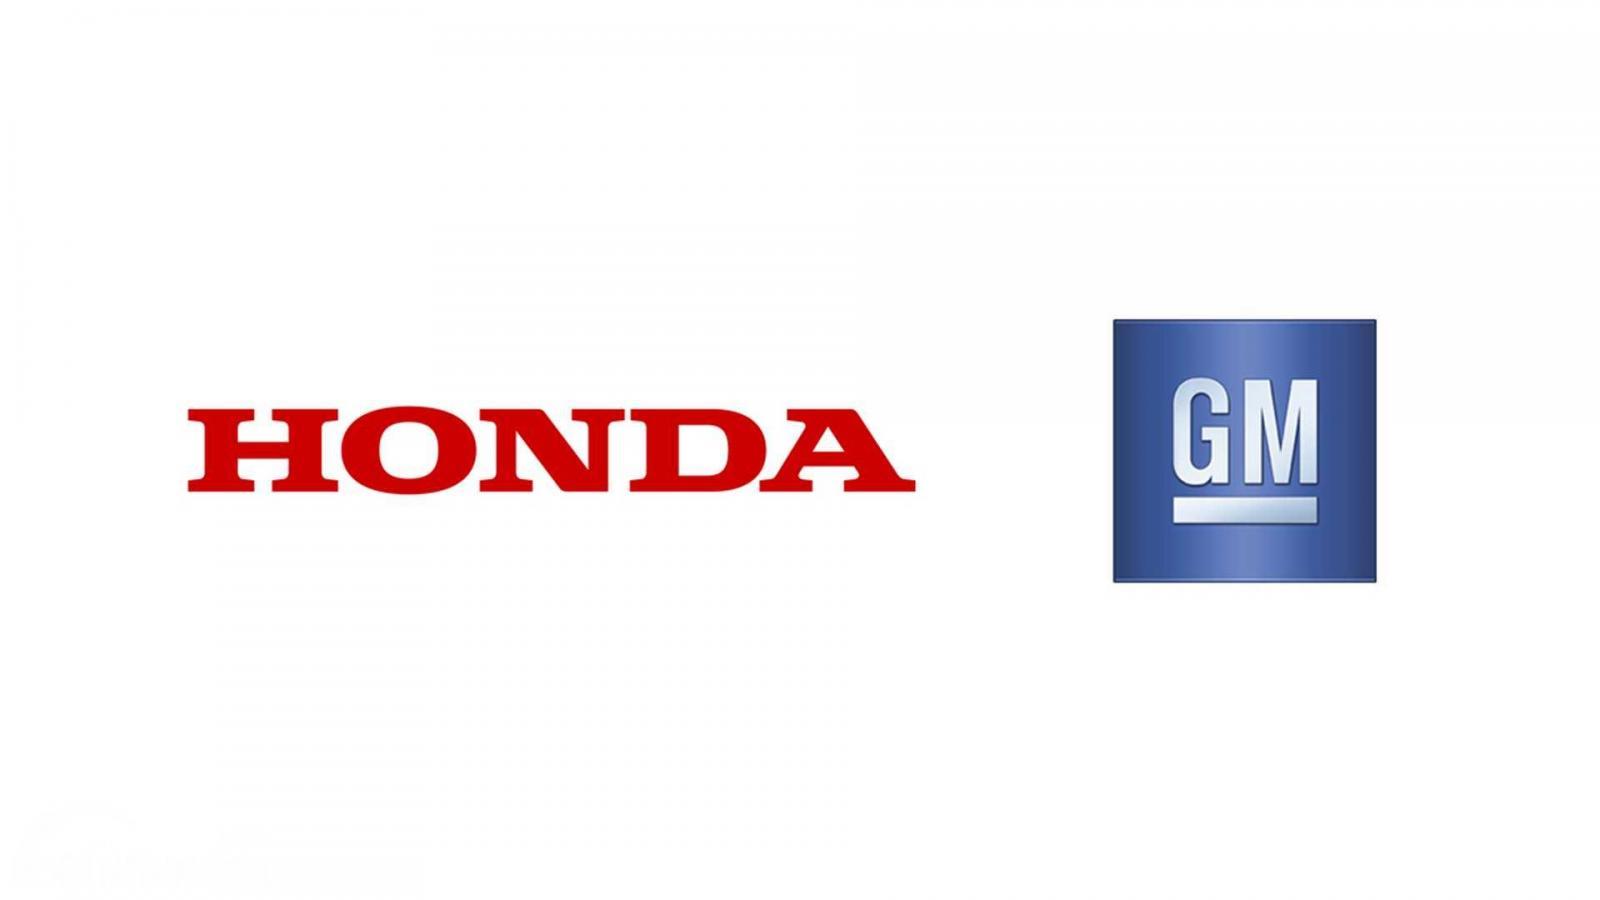 GM dan Honda Beraliansi di Amerika Utara